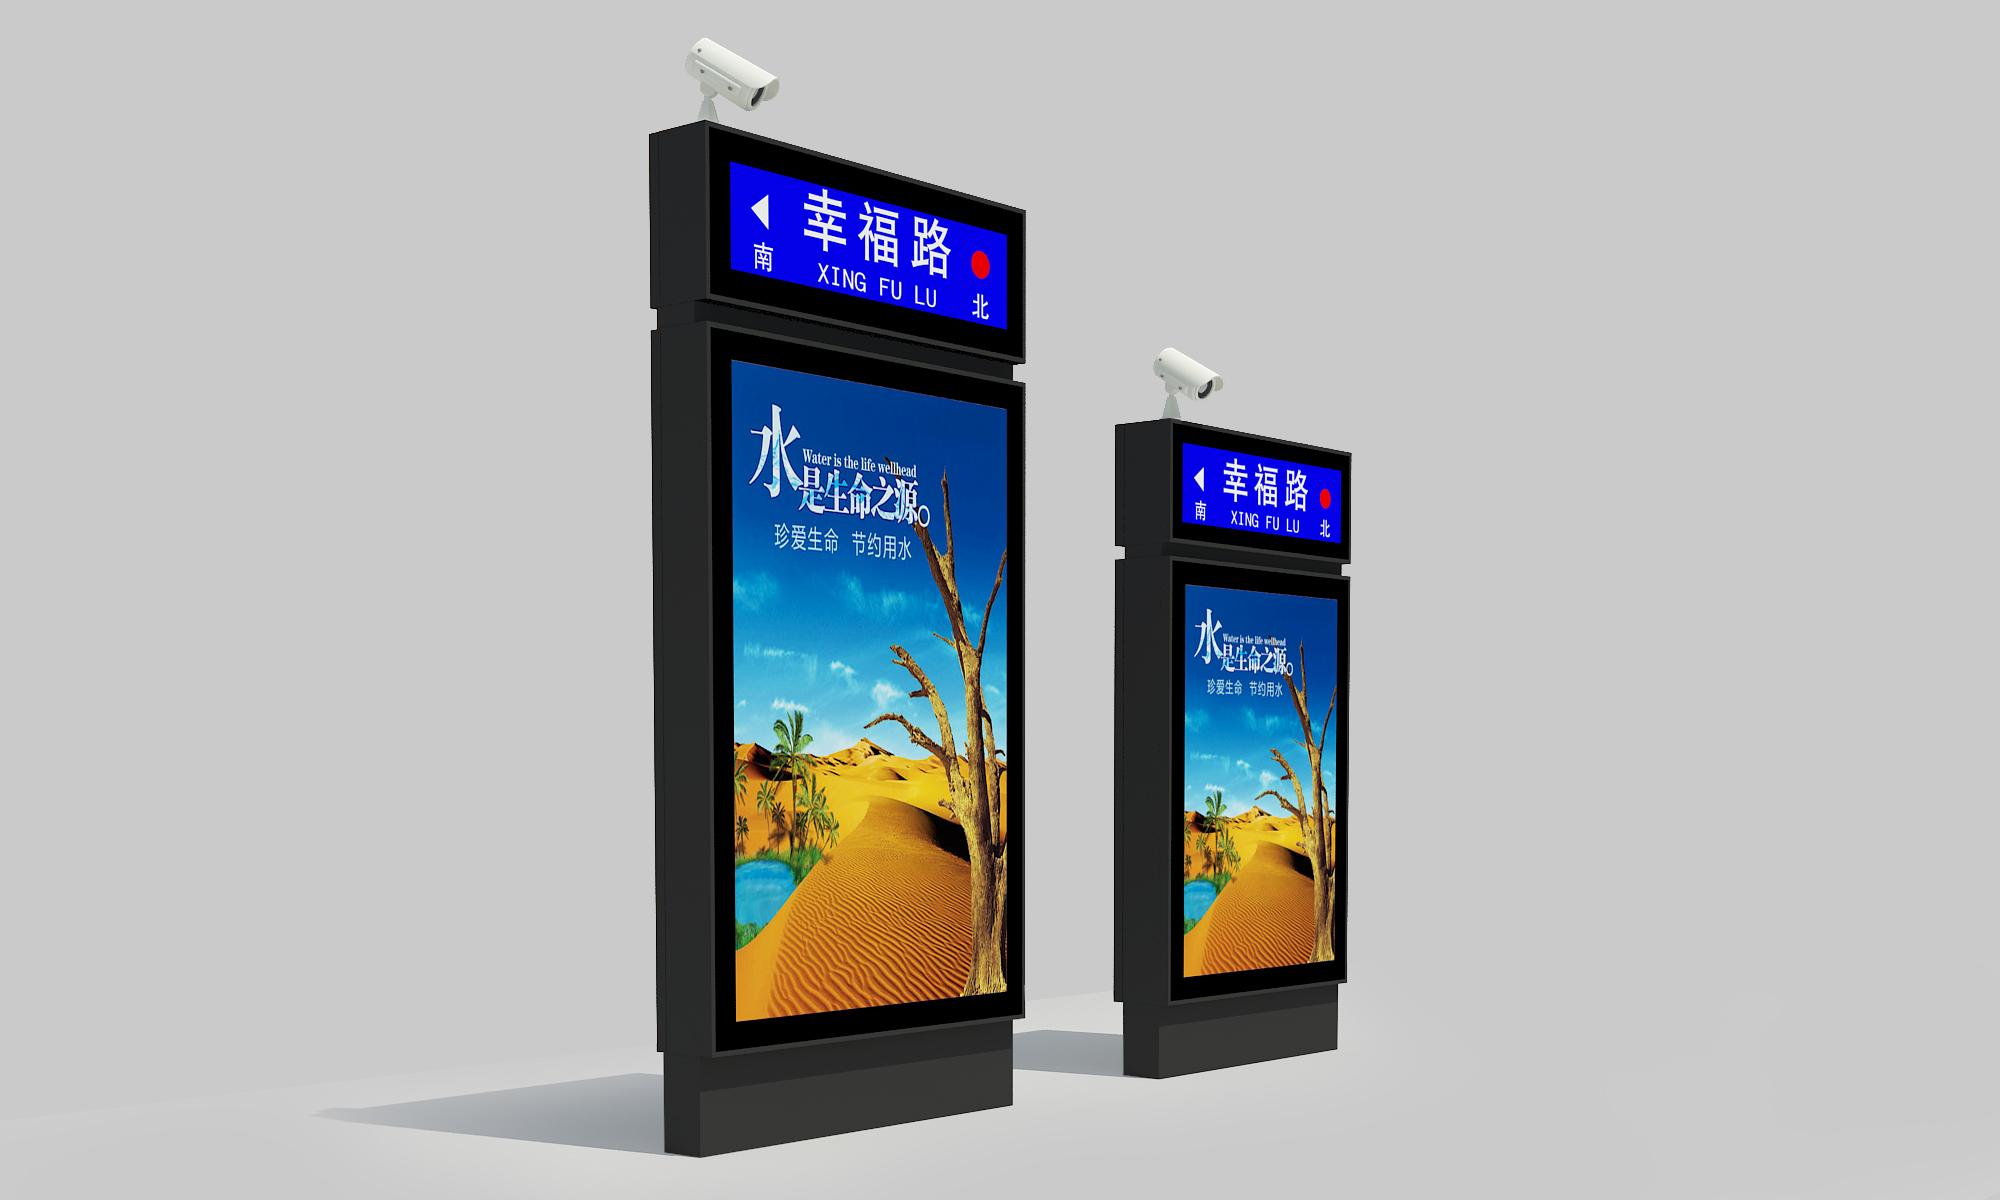 山西晋城莱阳候车亭滚动灯箱15161298899价格 - 中国供应商